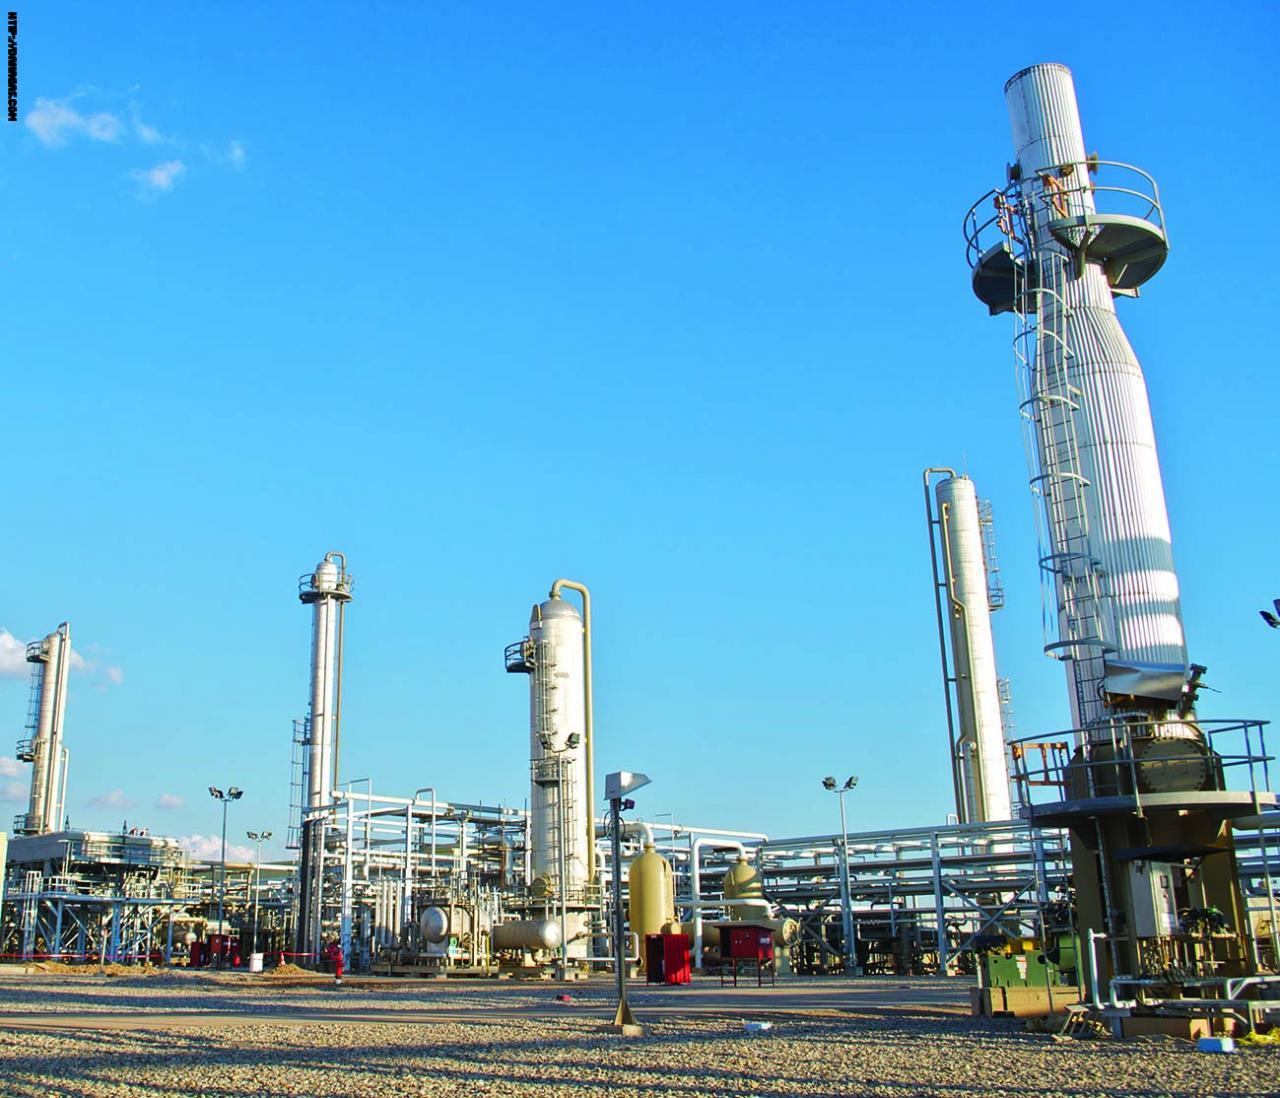 شركة تابعة لدانة غاز تتفق على إنتاج وبيع الغاز الطبيعي لكردستان لمدة 20 عاماً